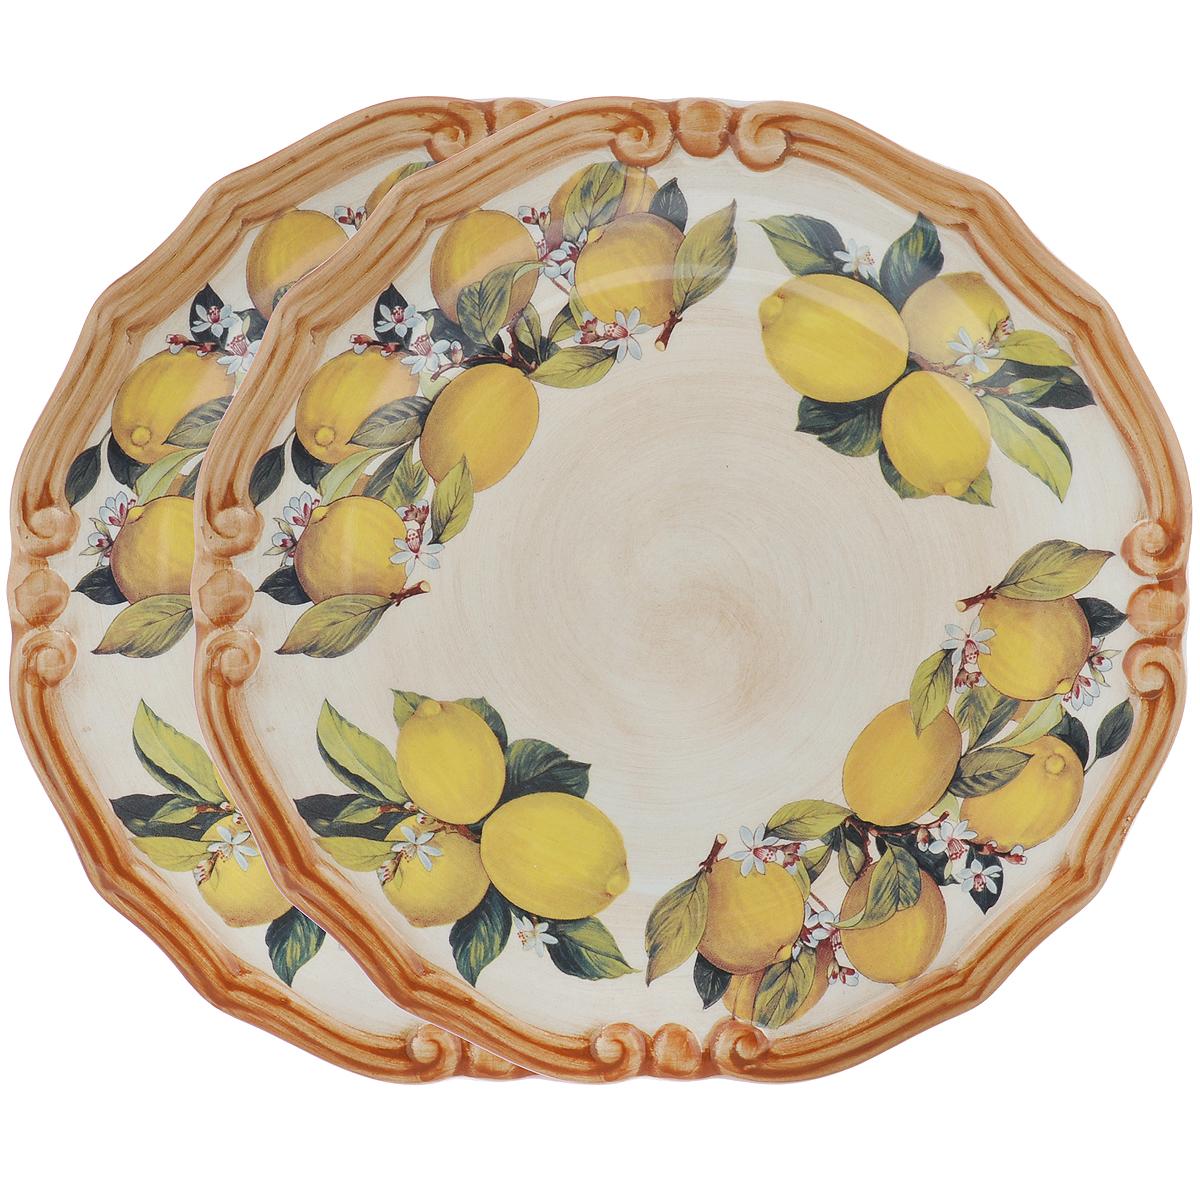 Набор десертных тарелок LCS Итальянские лимоны, диаметр 20 см, 2 штLCS353PF-CL-ALНабор LCS Итальянские лимоны состоит из двух десертных тарелок, выполненных из высококачественной глазурованной керамики. Изделия декорированы красочным изображением лимонов. Такие тарелки прекрасно оформят стол и порадуют вас лаконичным и ярким дизайном.